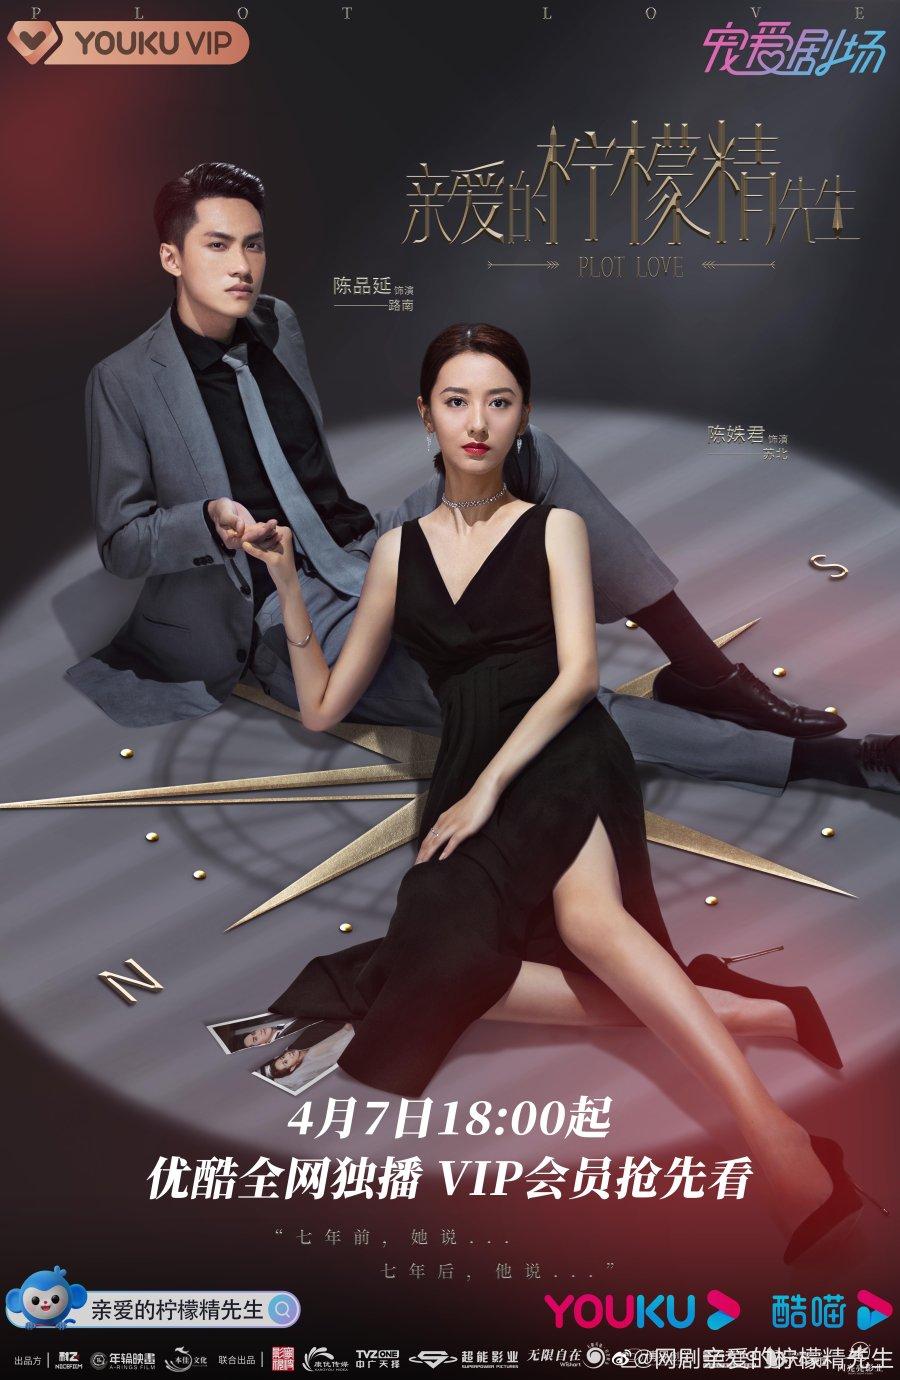 ดูซีรี่ย์ออนไลน์ ซีรี่ย์จีน Plot Love (2021) แผนรักลวงใจ ซับไทย